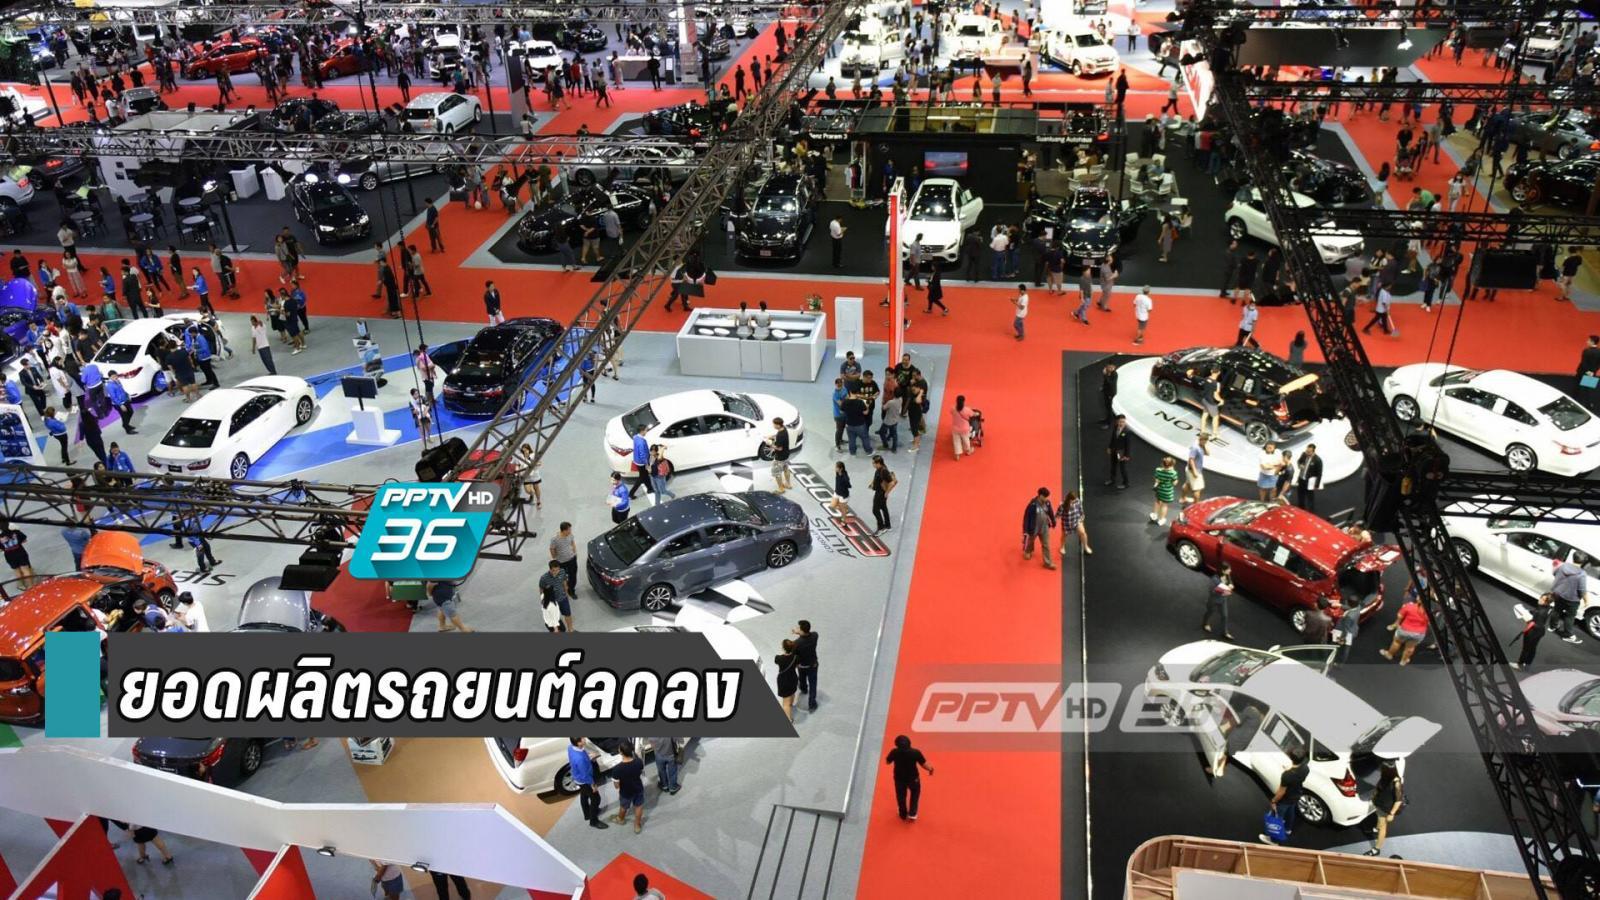 ส.อ.ท.เผยยอดผลิตรถยนต์เดือนต.ค.ลดลงร้อยละ 22.52